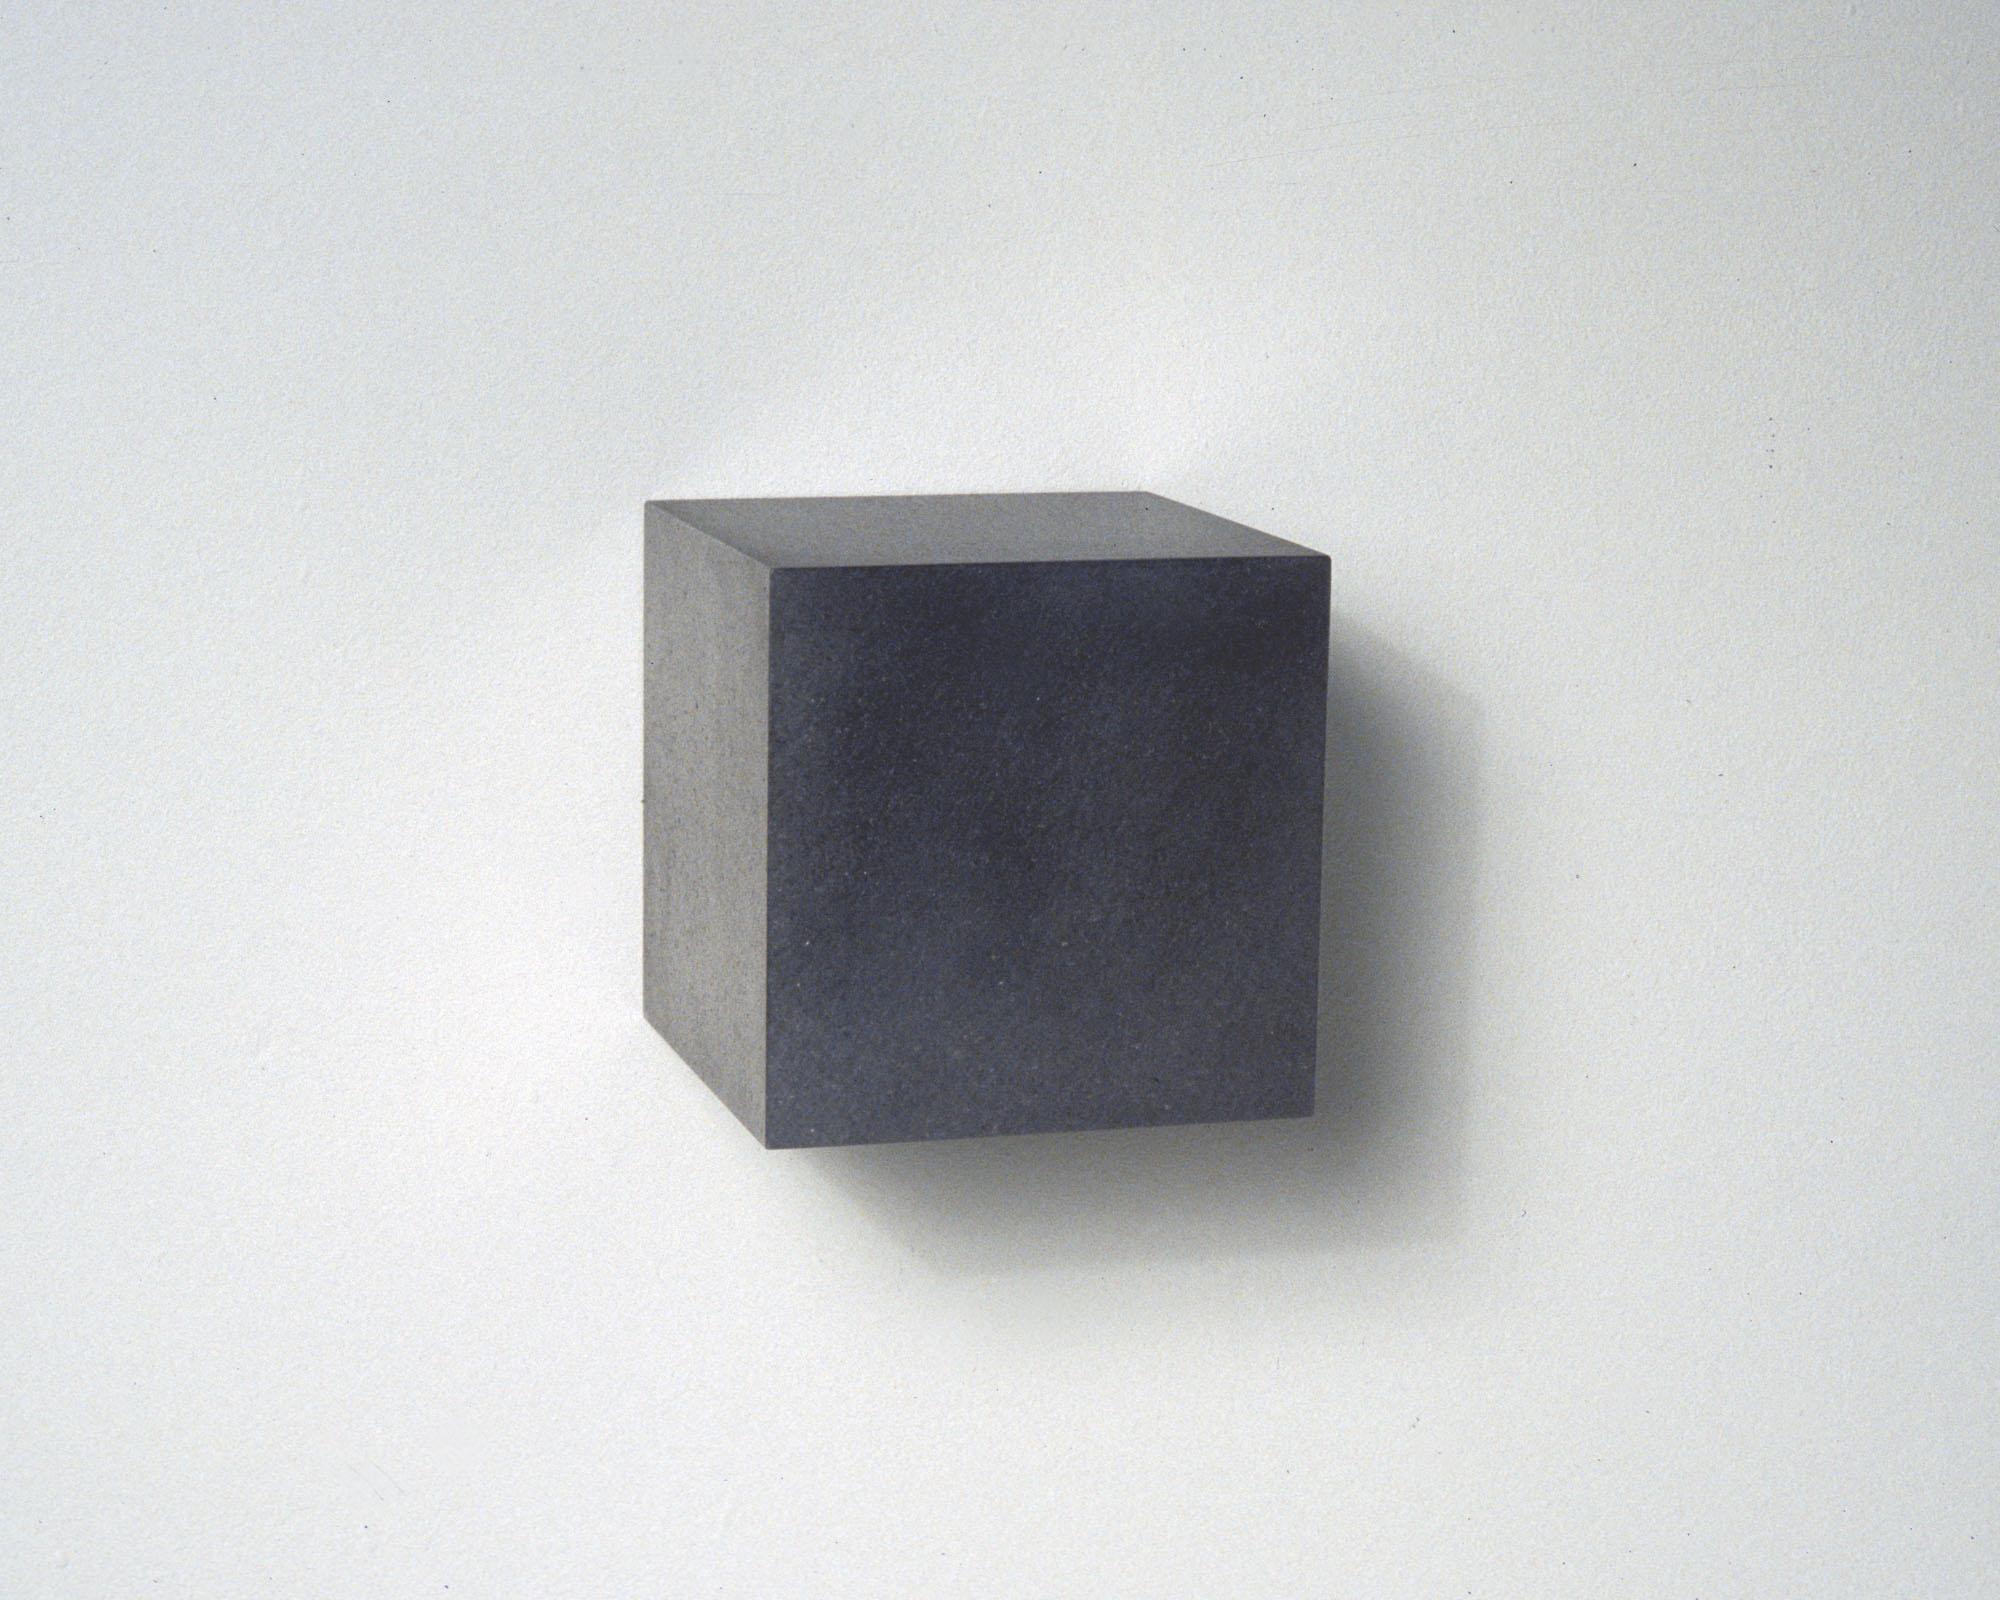 """Untitled, Graphite Cube, no. 4, 2006  Solid graphite,4"""" x 4"""" x 4"""""""